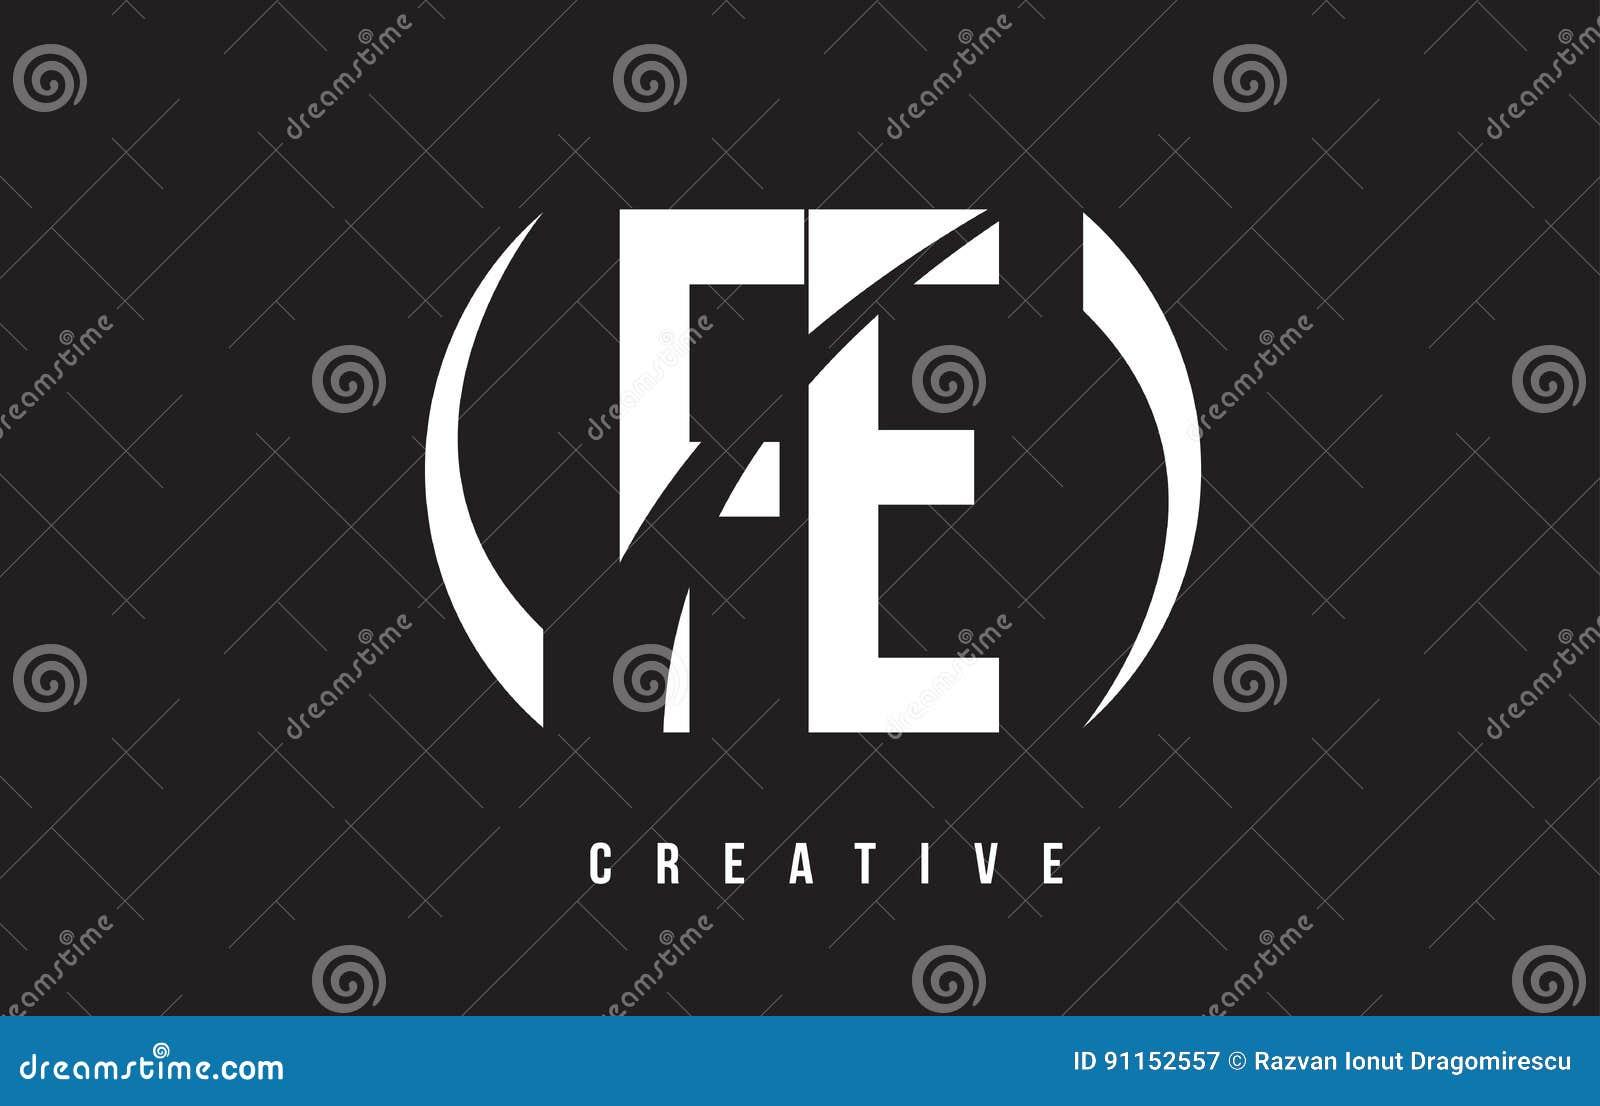 fe f e white letter logo design with black background